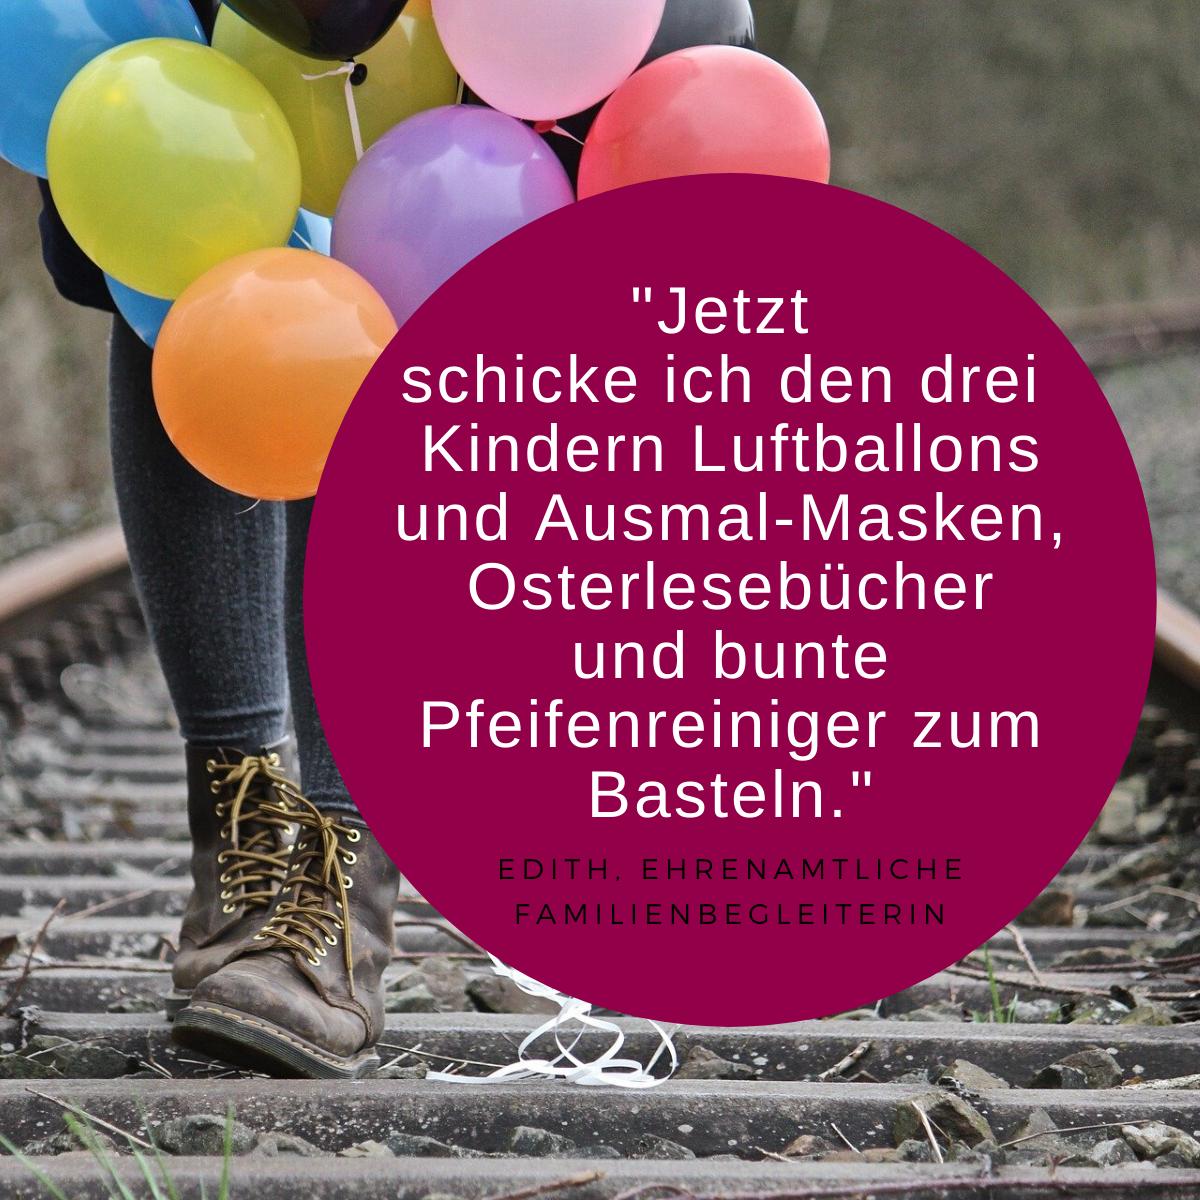 Zitat Ehrenamt und Bild Luftballons